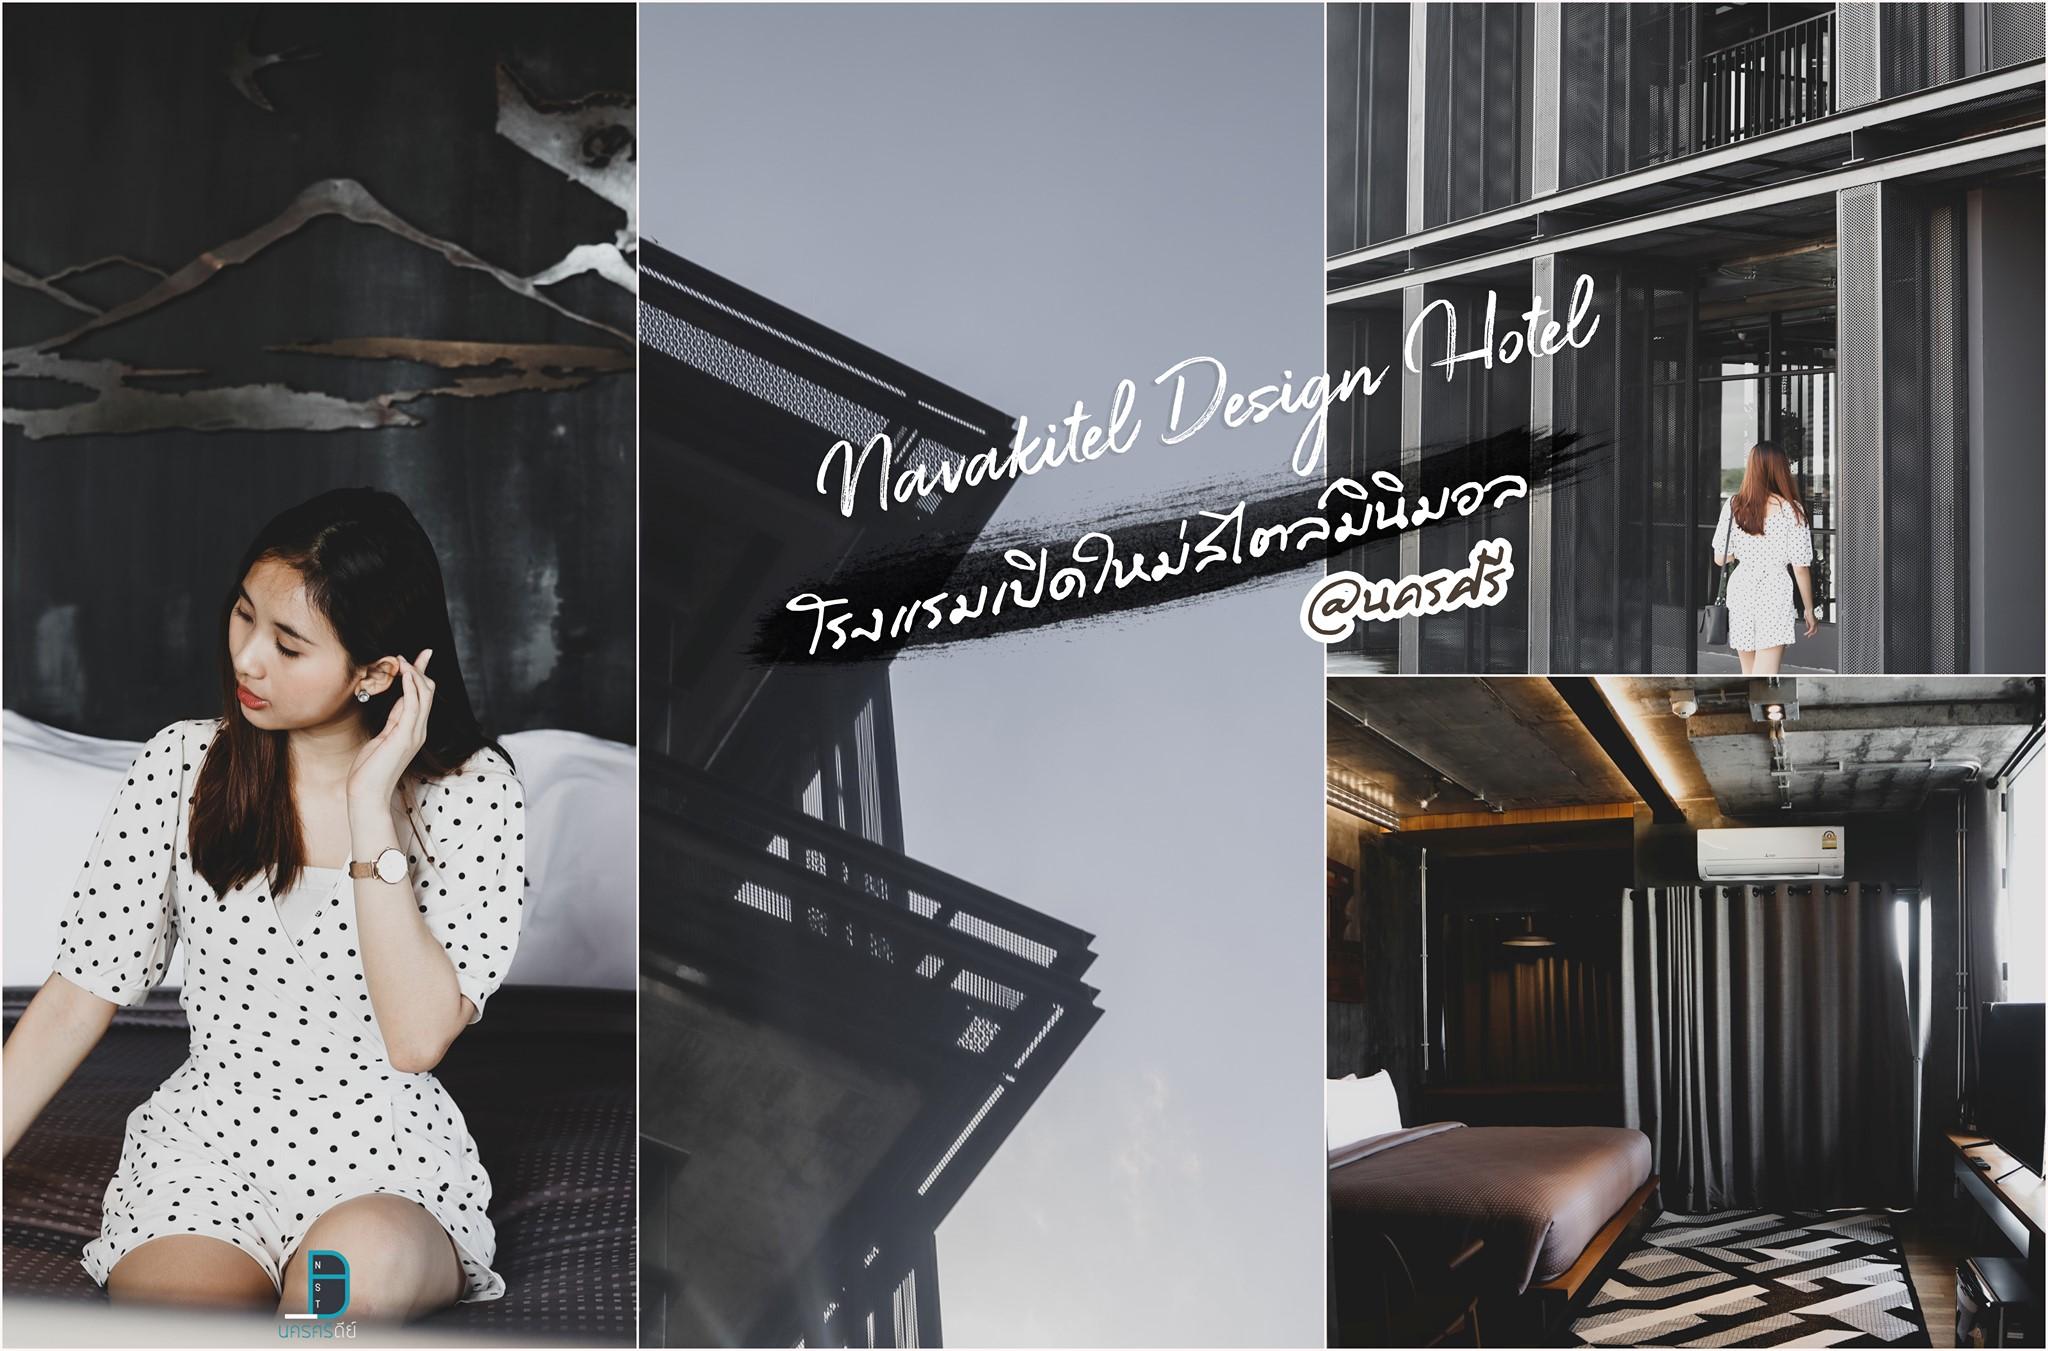 Navakitel Design Hotel นาวากิเทลดีไซน์โฮเทล โรงแรมสไตล์มินิมอล นครศรีธรรมราช บอกเลยสวยมากต้องมาพัก